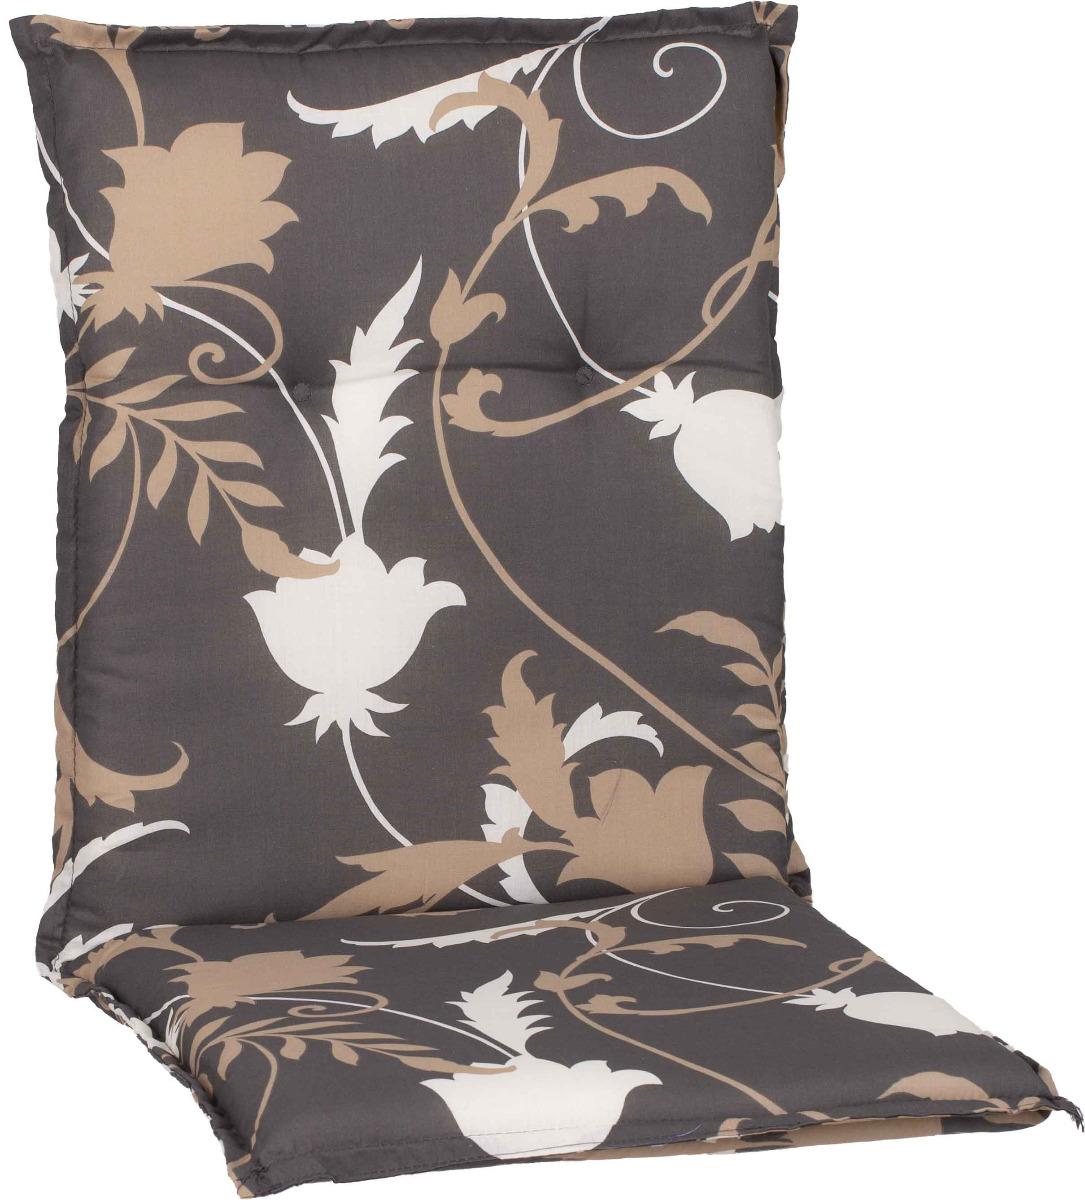 beo Gartenmöbel Auflage Blumen grau beige für Niedriglehner Bata M918